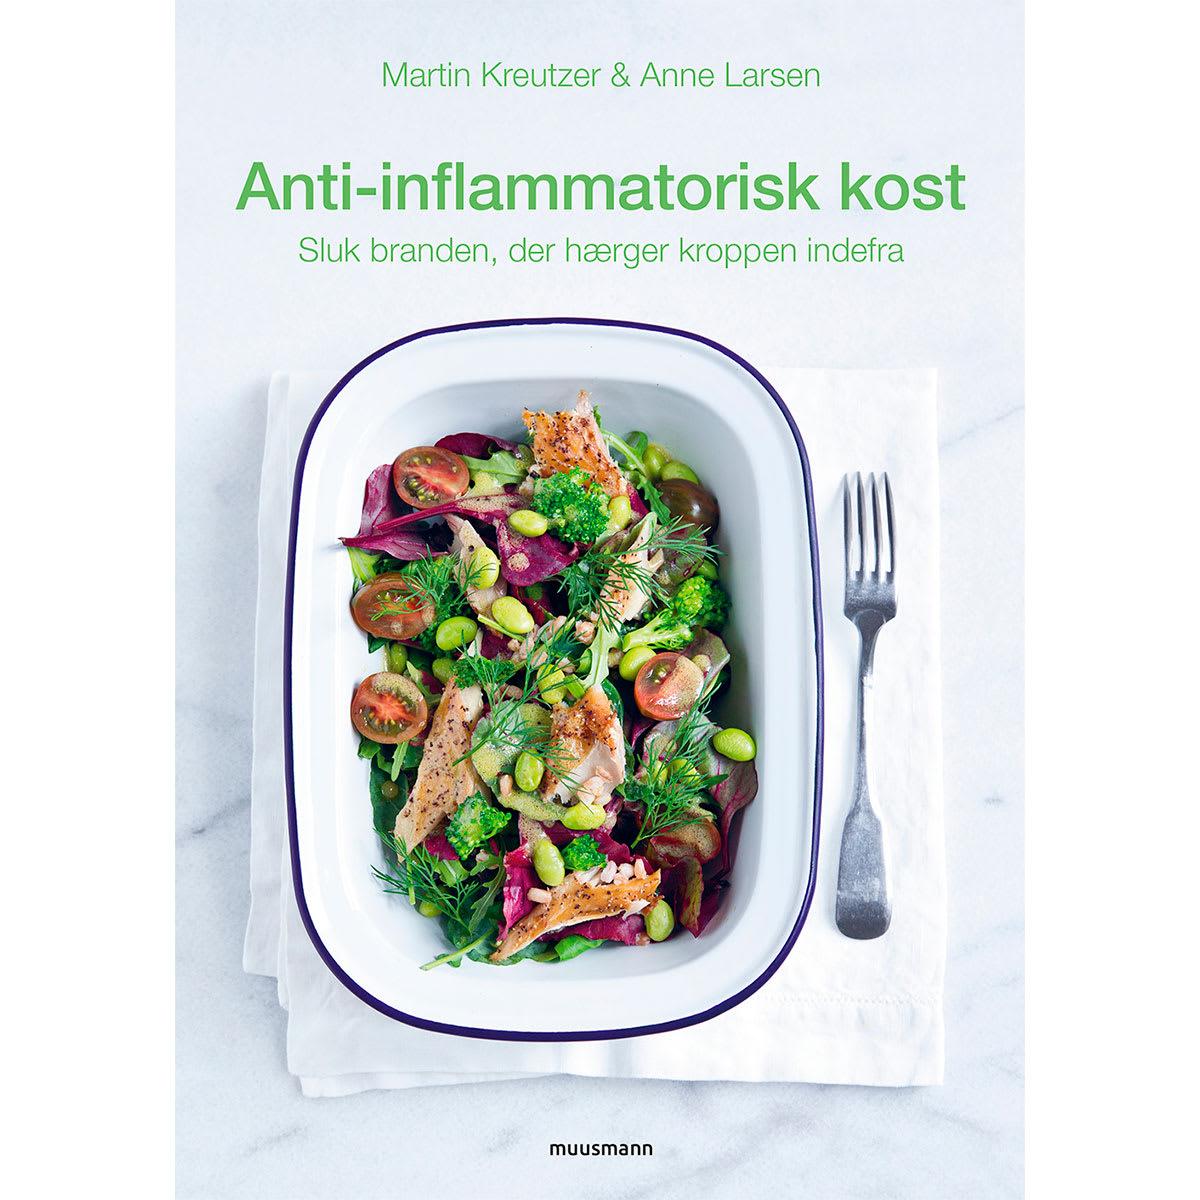 Af Martin Kreutzer & Anne Larsen